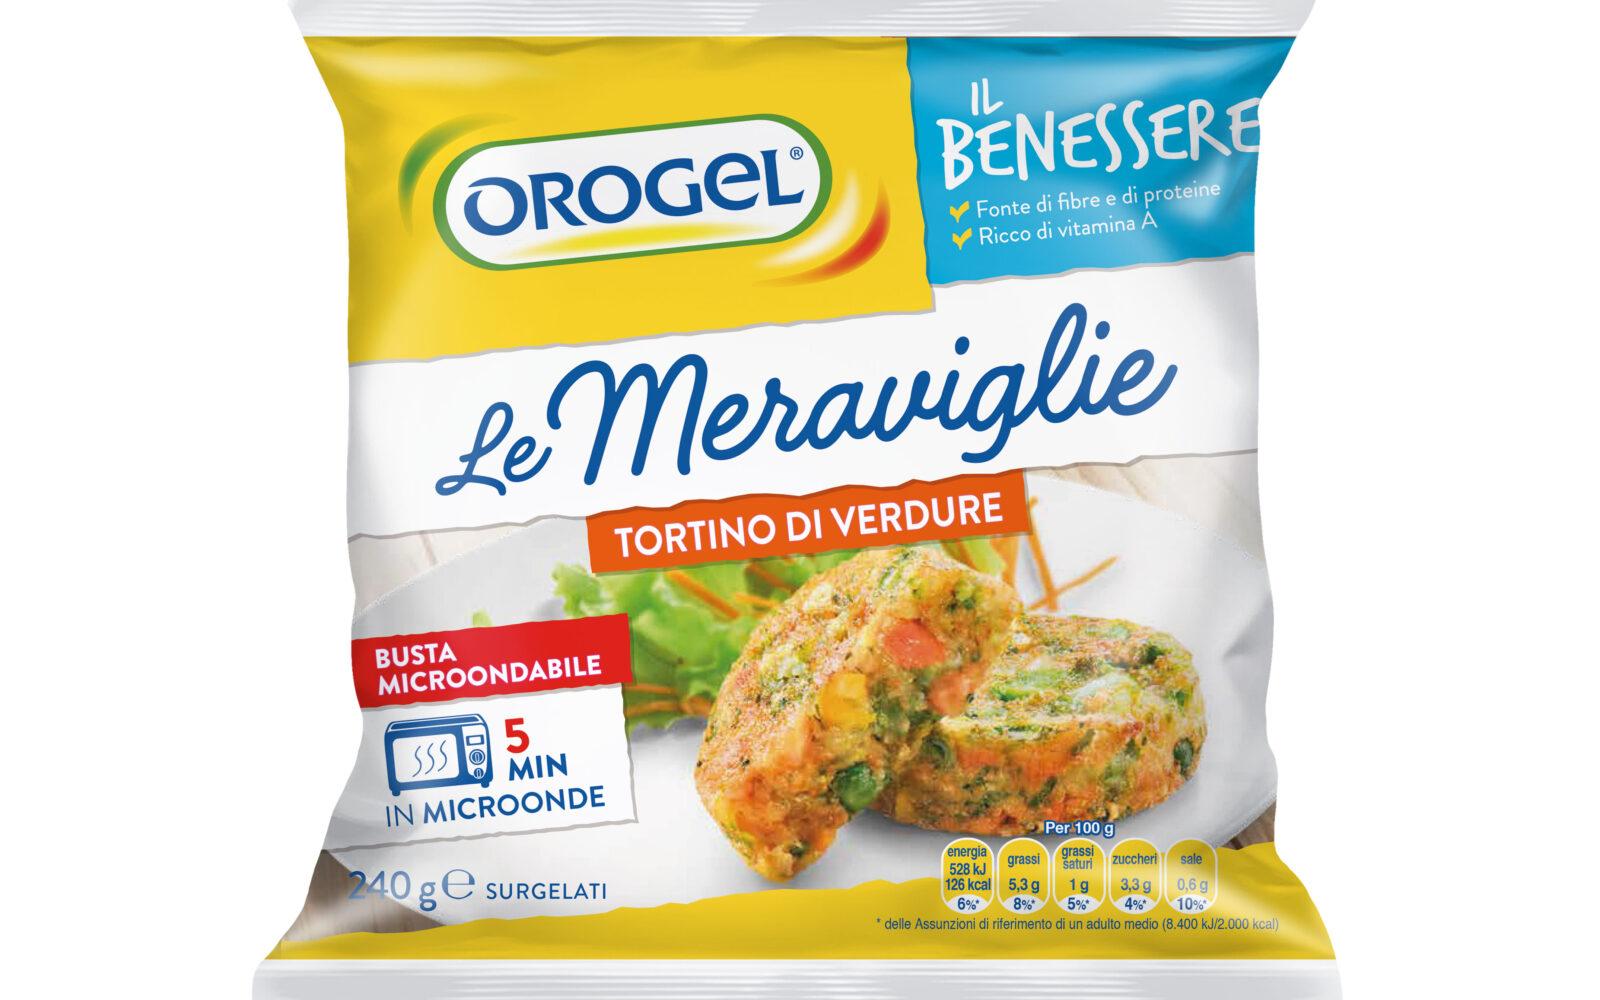 Orogel_LeMeraviglie_Tortino-di-verdure